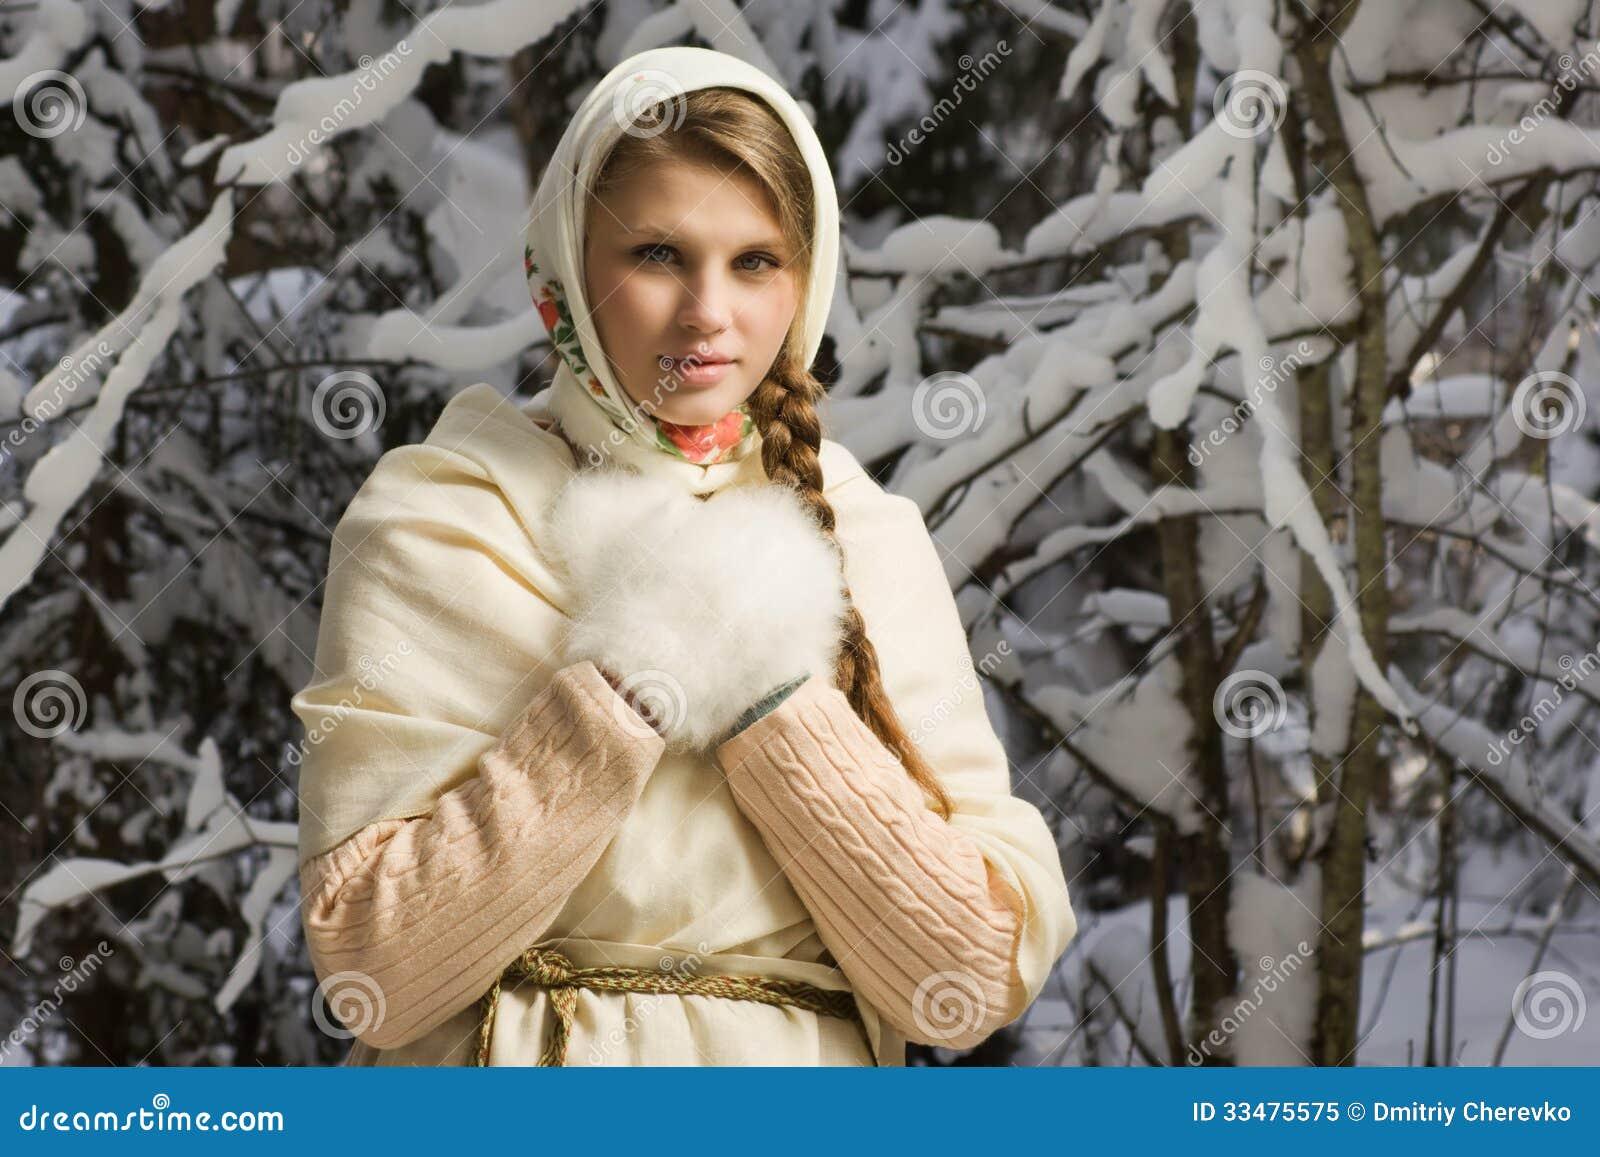 Русские девочки в лесу 9 фотография